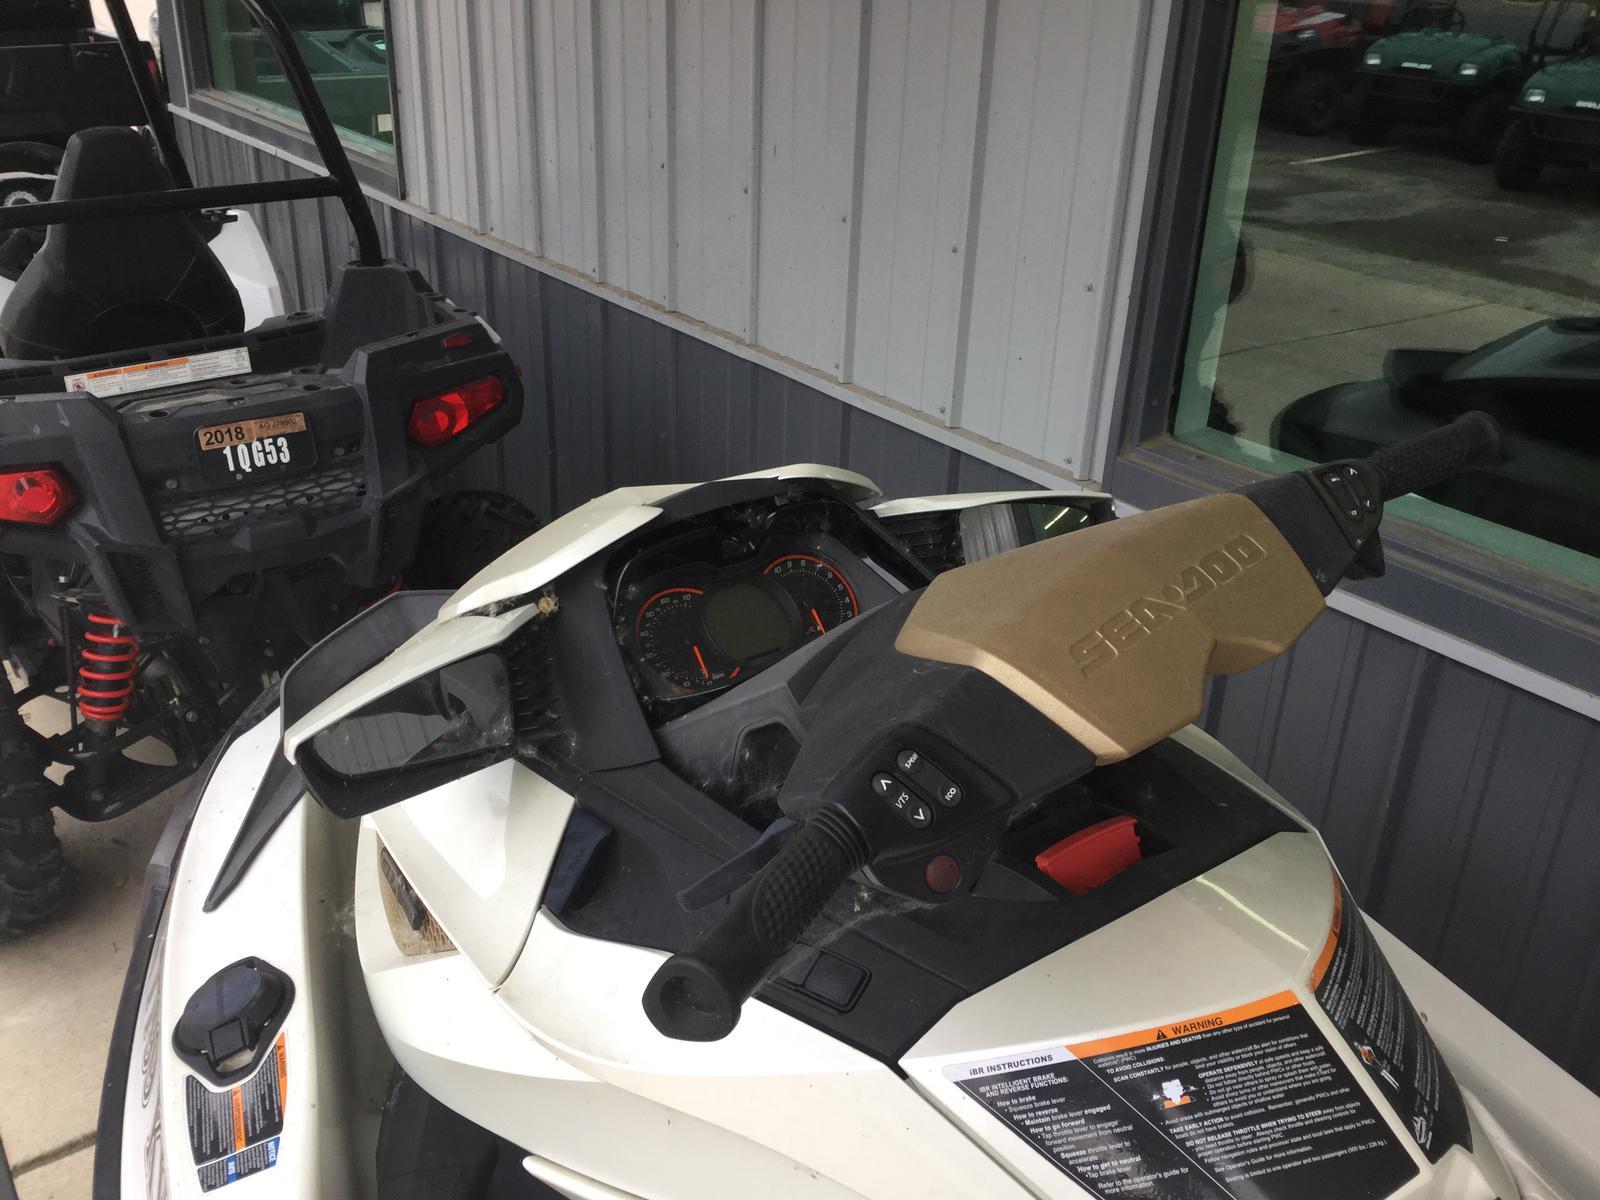 2012 Sea-Doo PW GTX IS LTD 1503HO VW 12